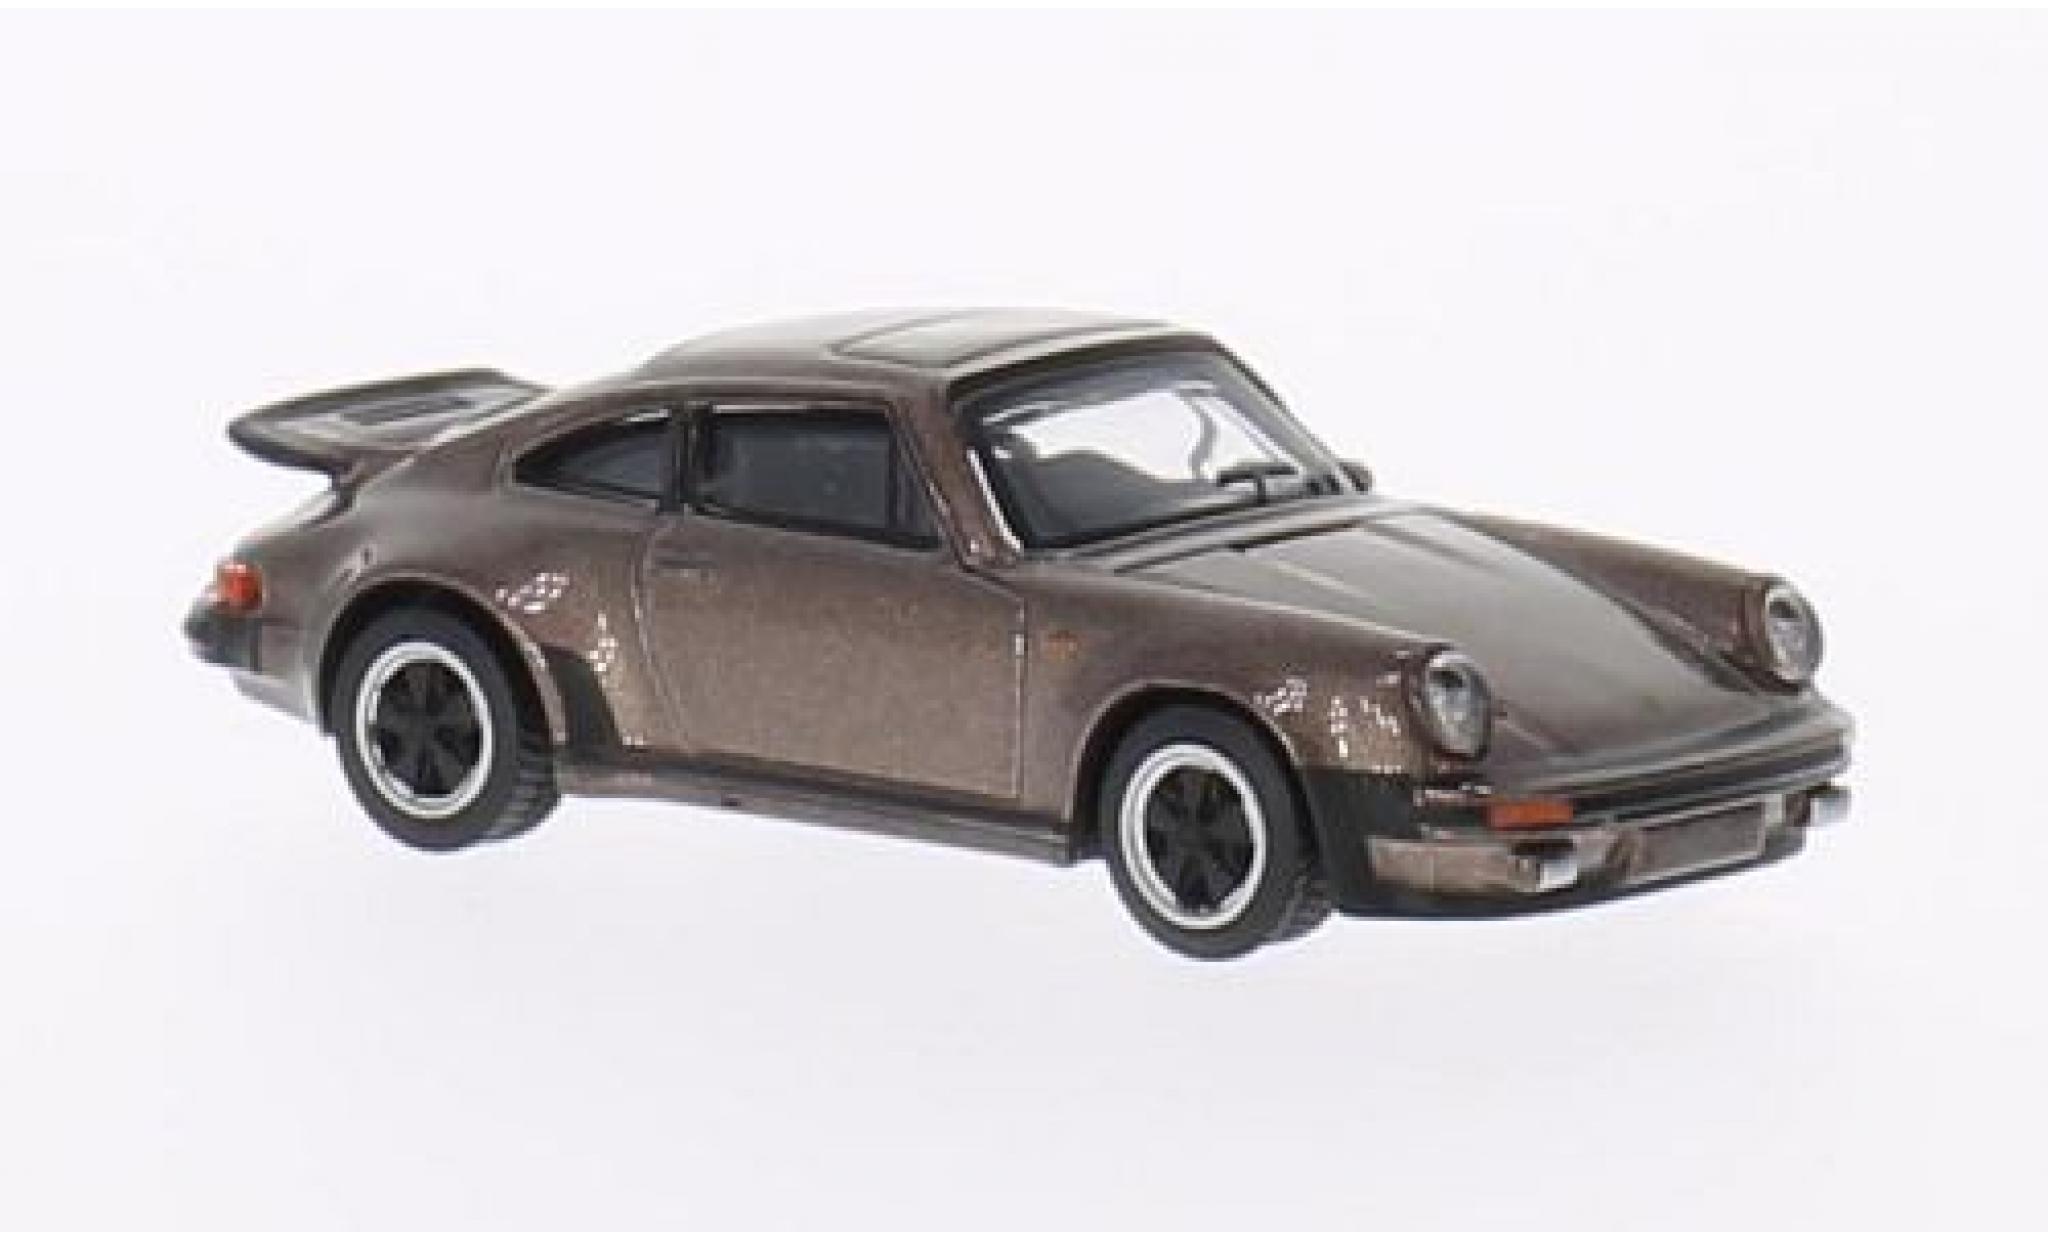 Porsche 911 1/64 Schuco Turbo 3.0 metallise marron